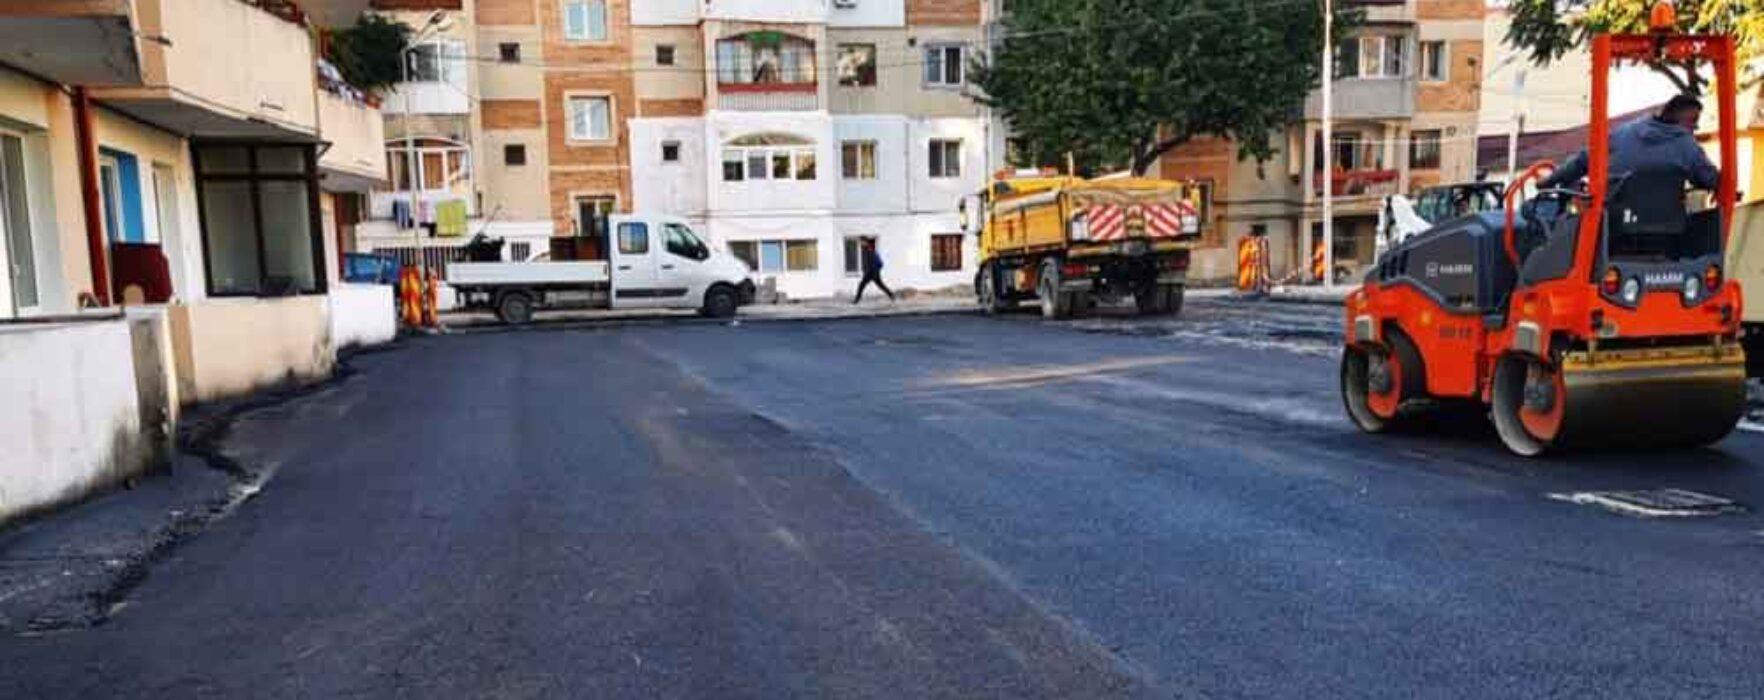 Târgovişte: Au început lucrări de reabilitare a infrastructurii în zona blocurilor 1-2, Bdul Unirii din micro 6